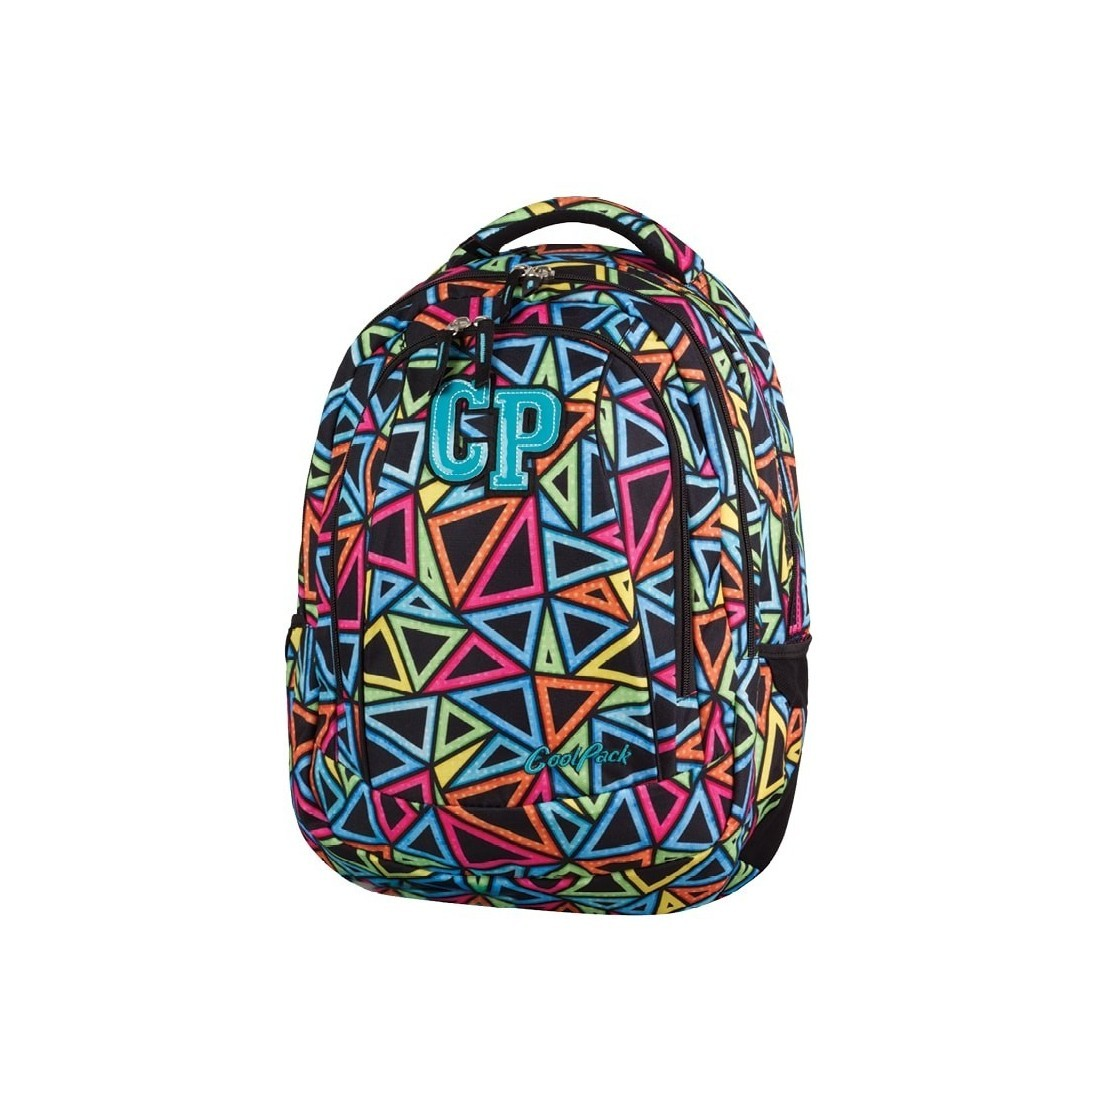 Plecak szkolny CoolPack CP 2w1 Combo Color Triangles dla dziewczyny - plecak-tornister.pl